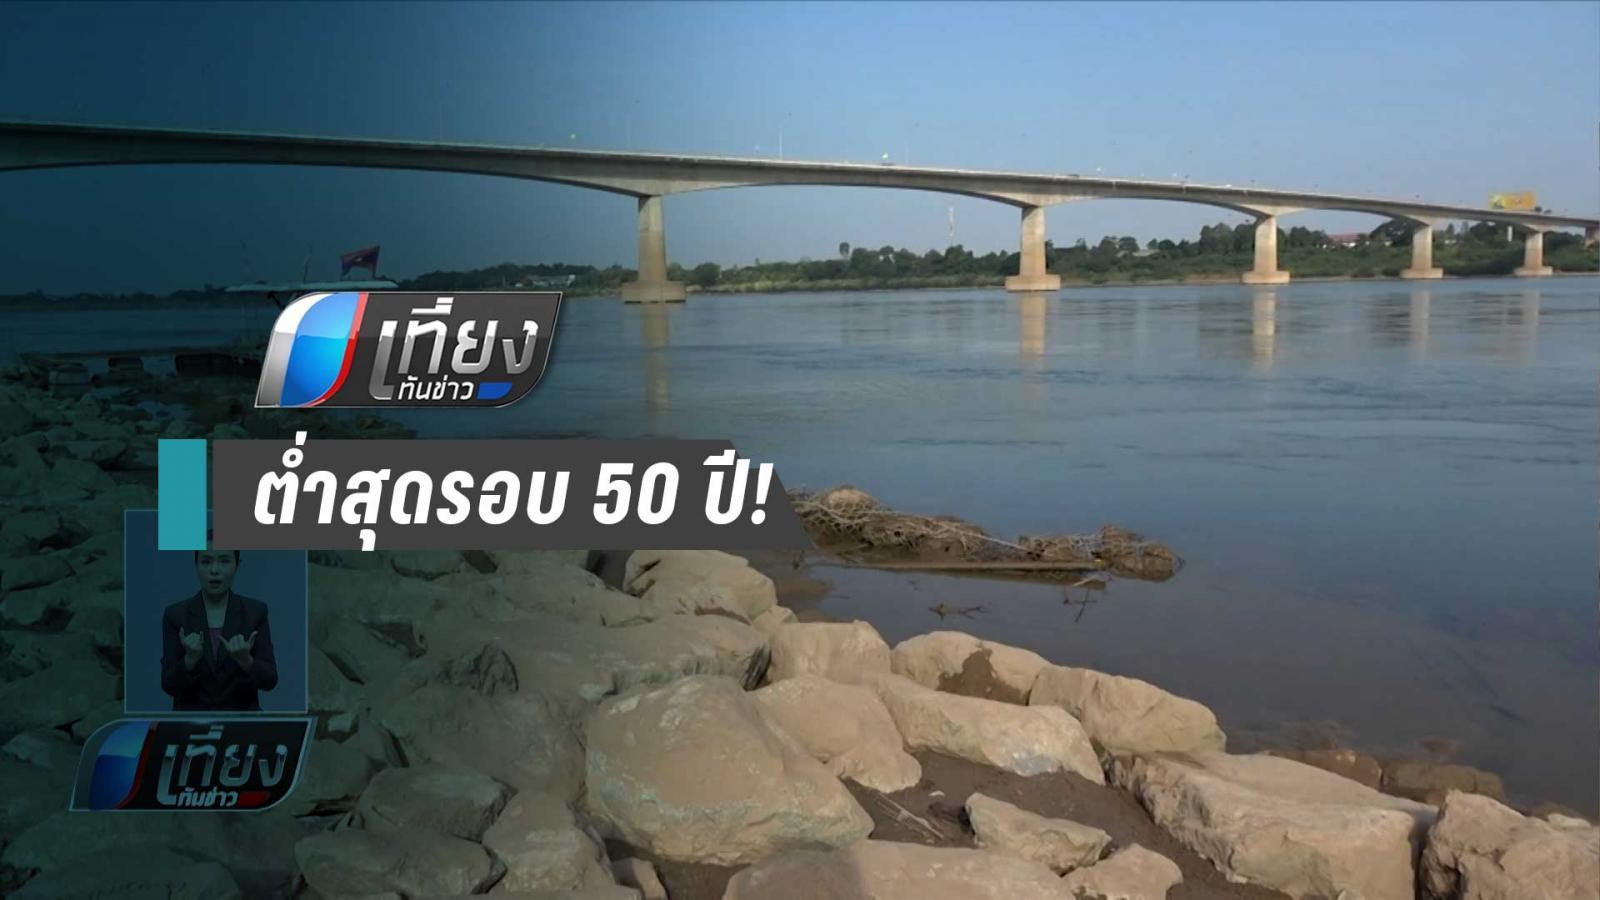 แม่น้ำโขงลดต่ำสุดรอบ 50 ปี พระธาตุกลางน้ำโผล่พ้นน้ำกว่า 4 เมตร